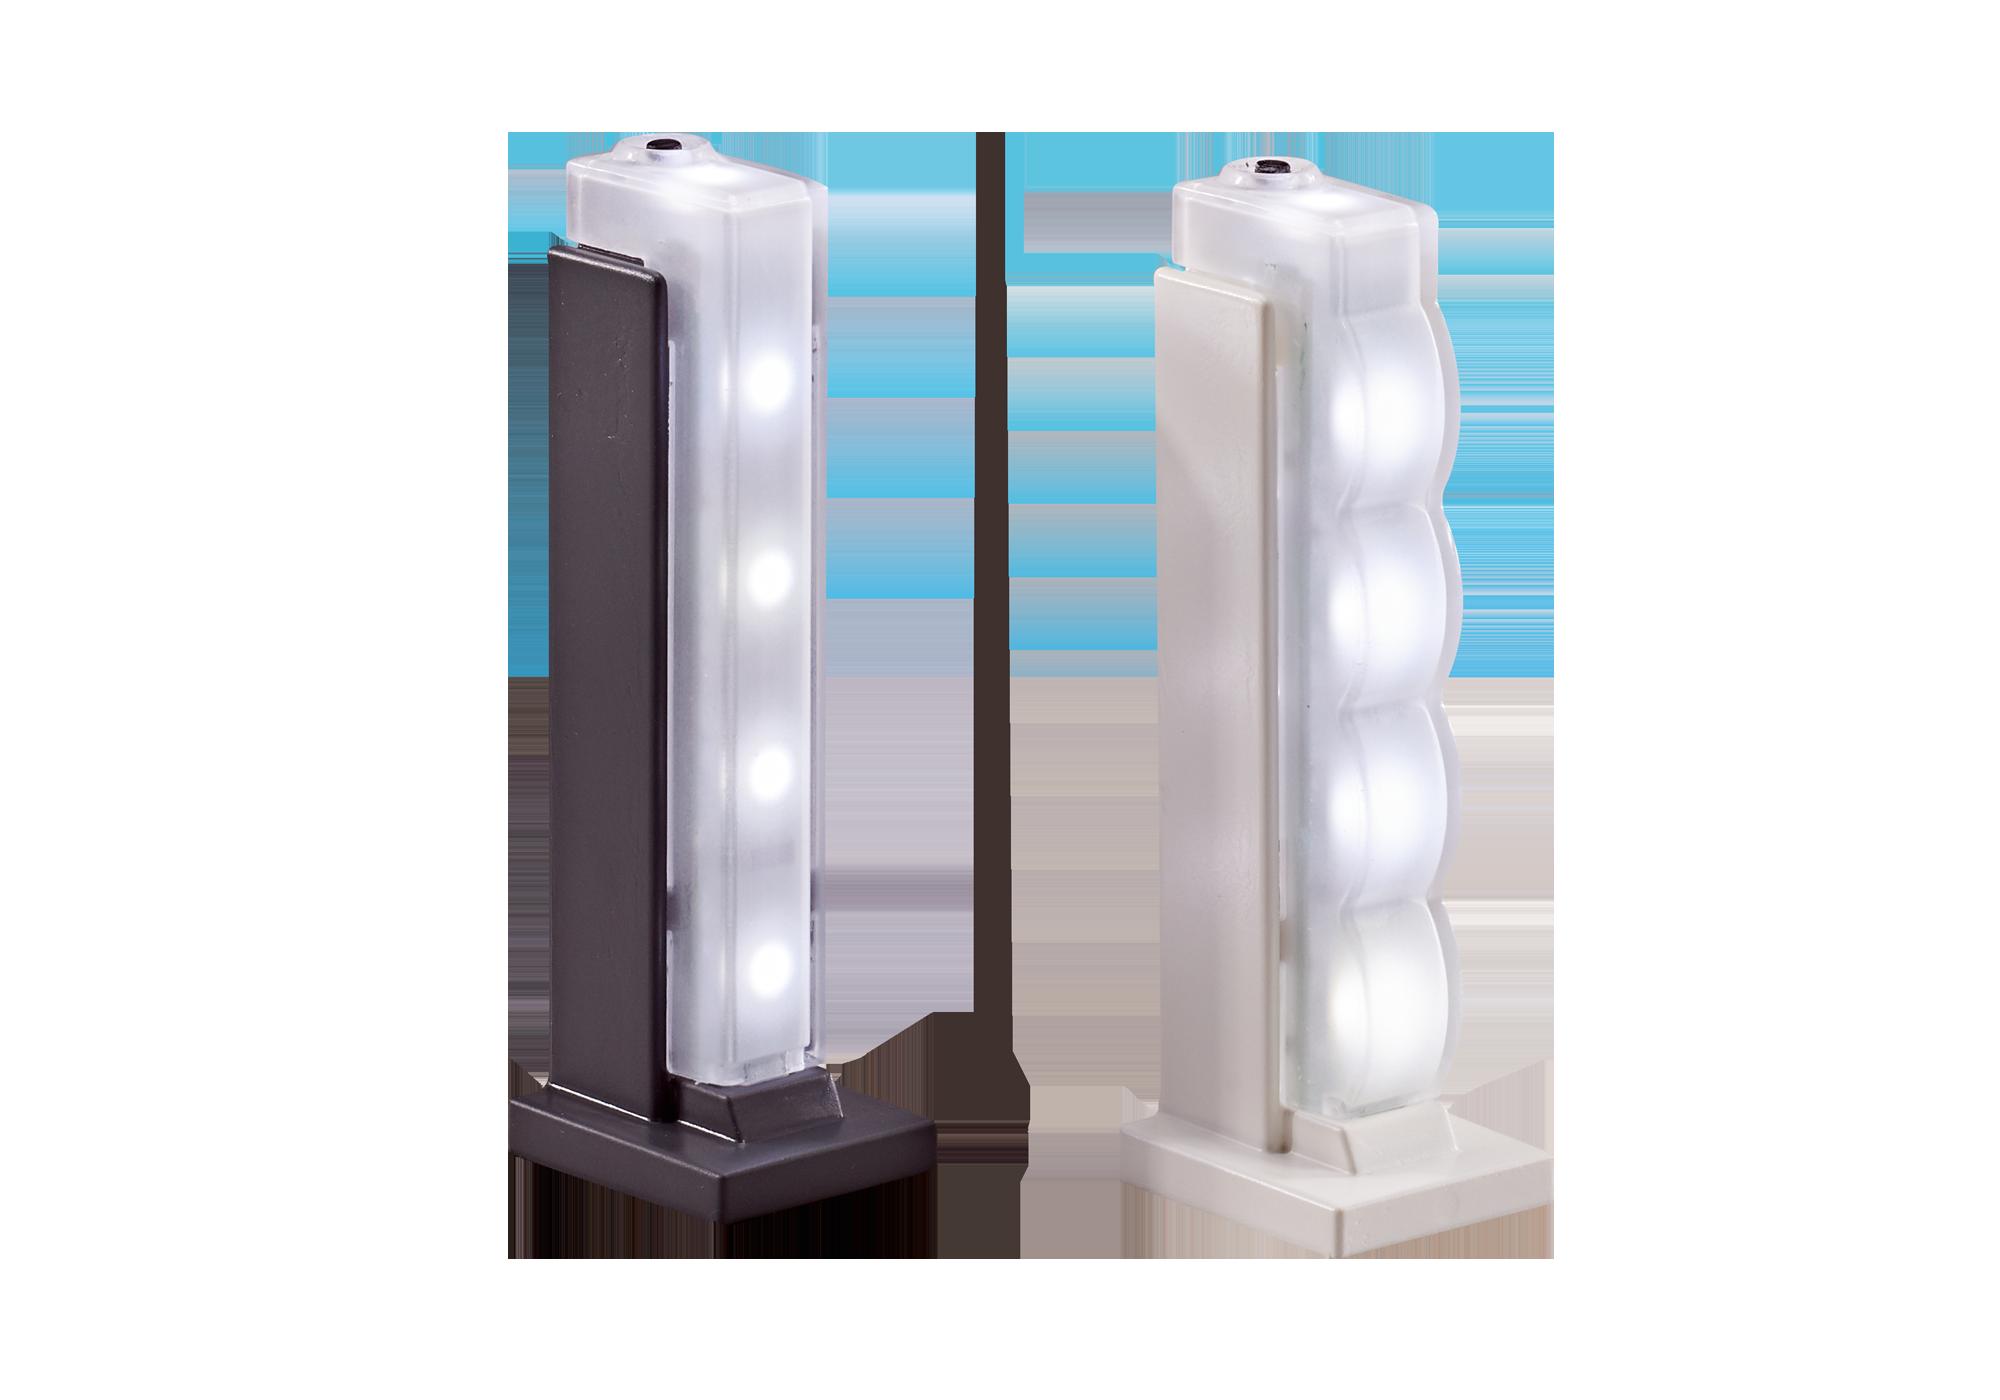 http://media.playmobil.com/i/playmobil/6555_product_detail/Light Kit for the Modern House (9266)